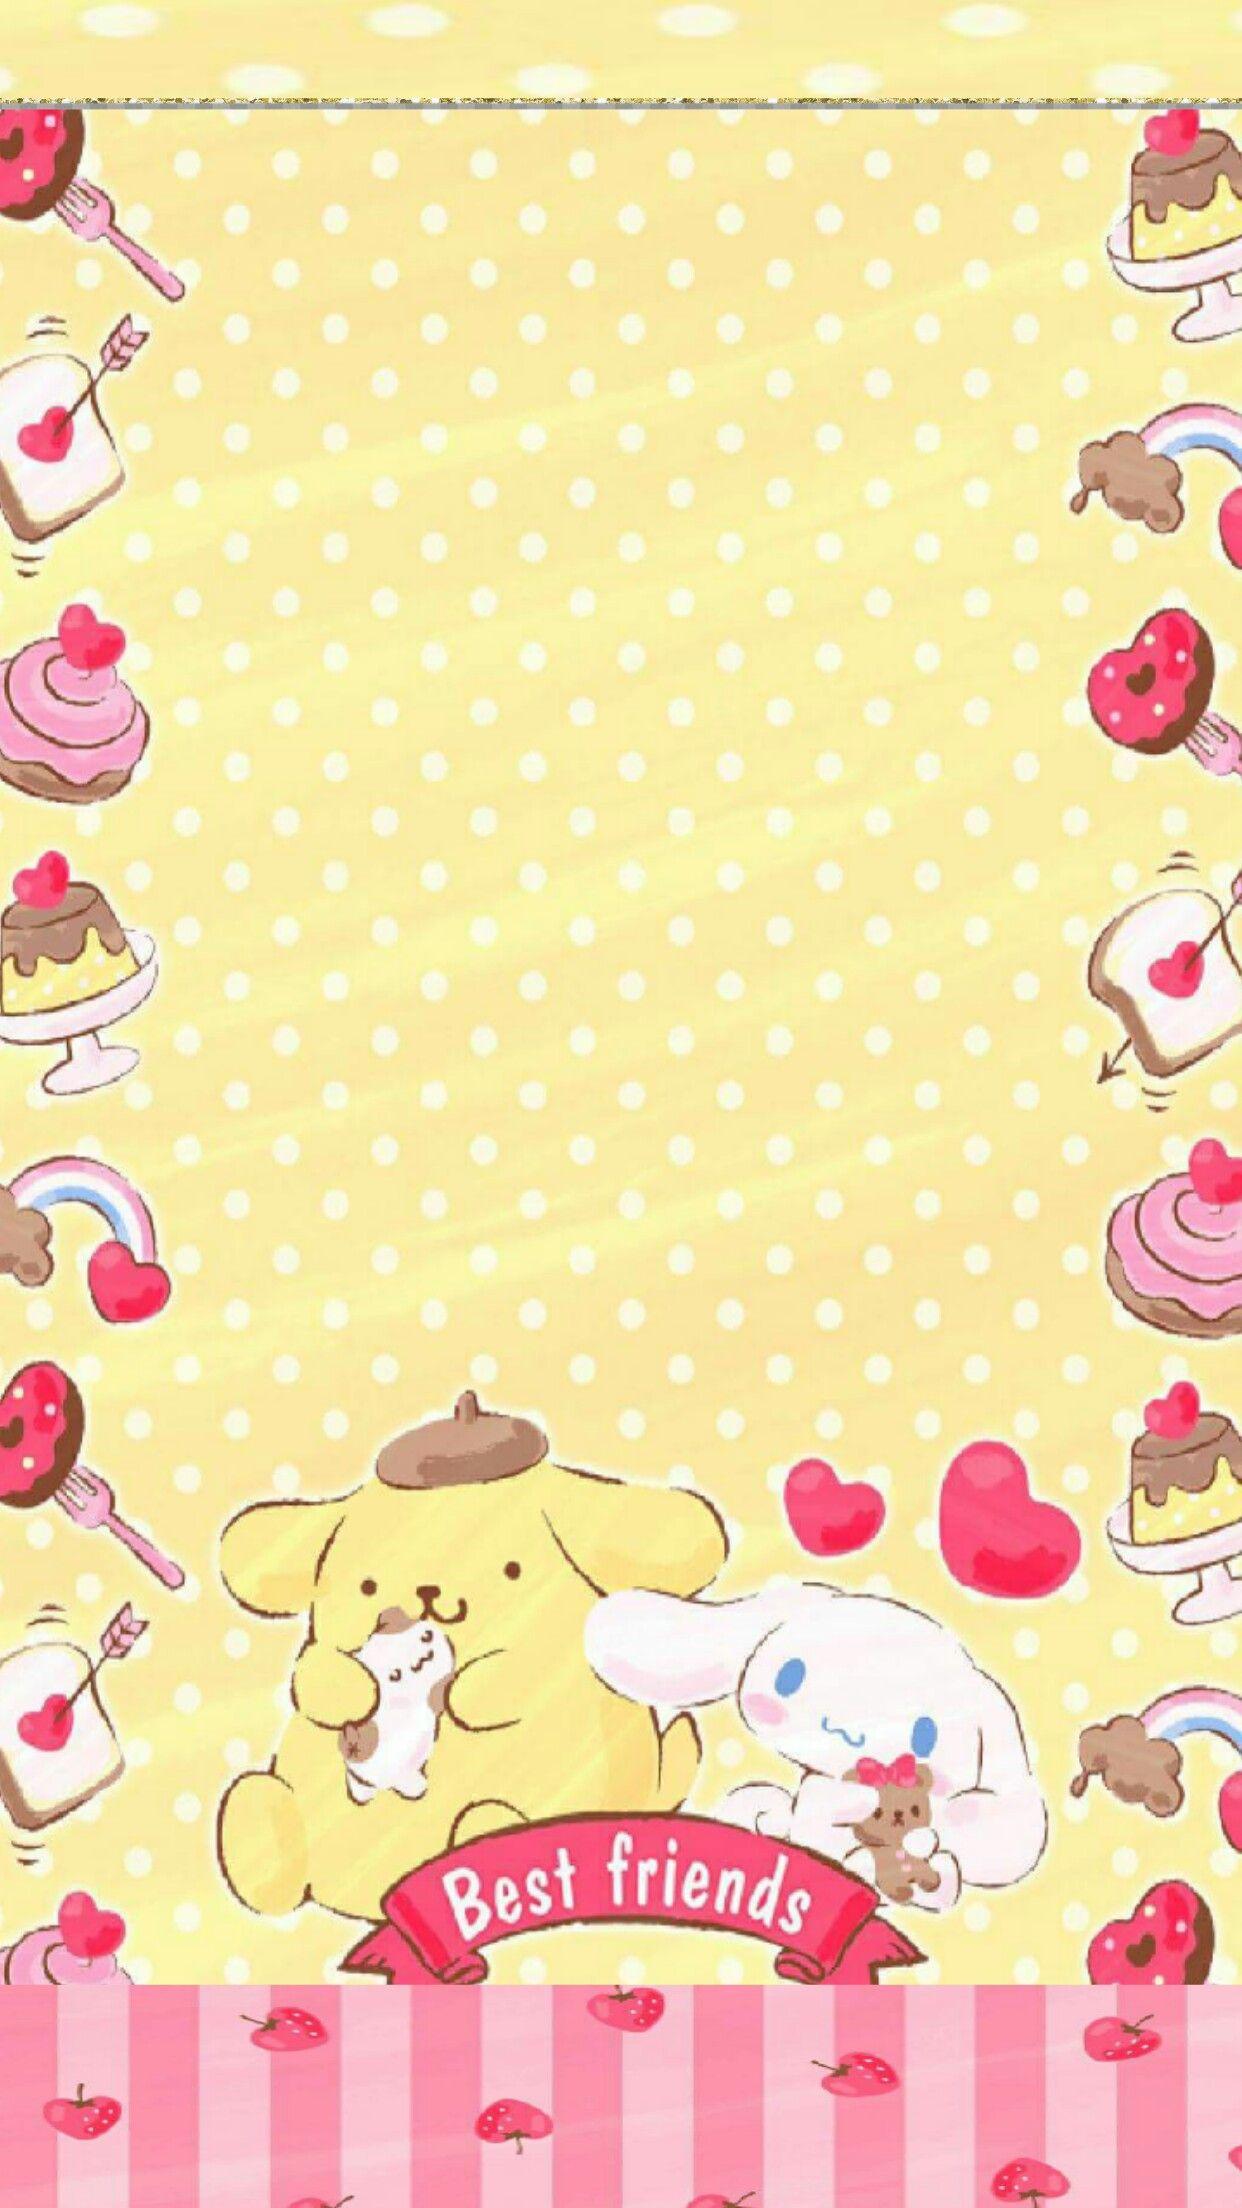 Pompompurin Background X3 ポムポムプリン 壁紙 シナモロール 壁紙 かわいいイラスト